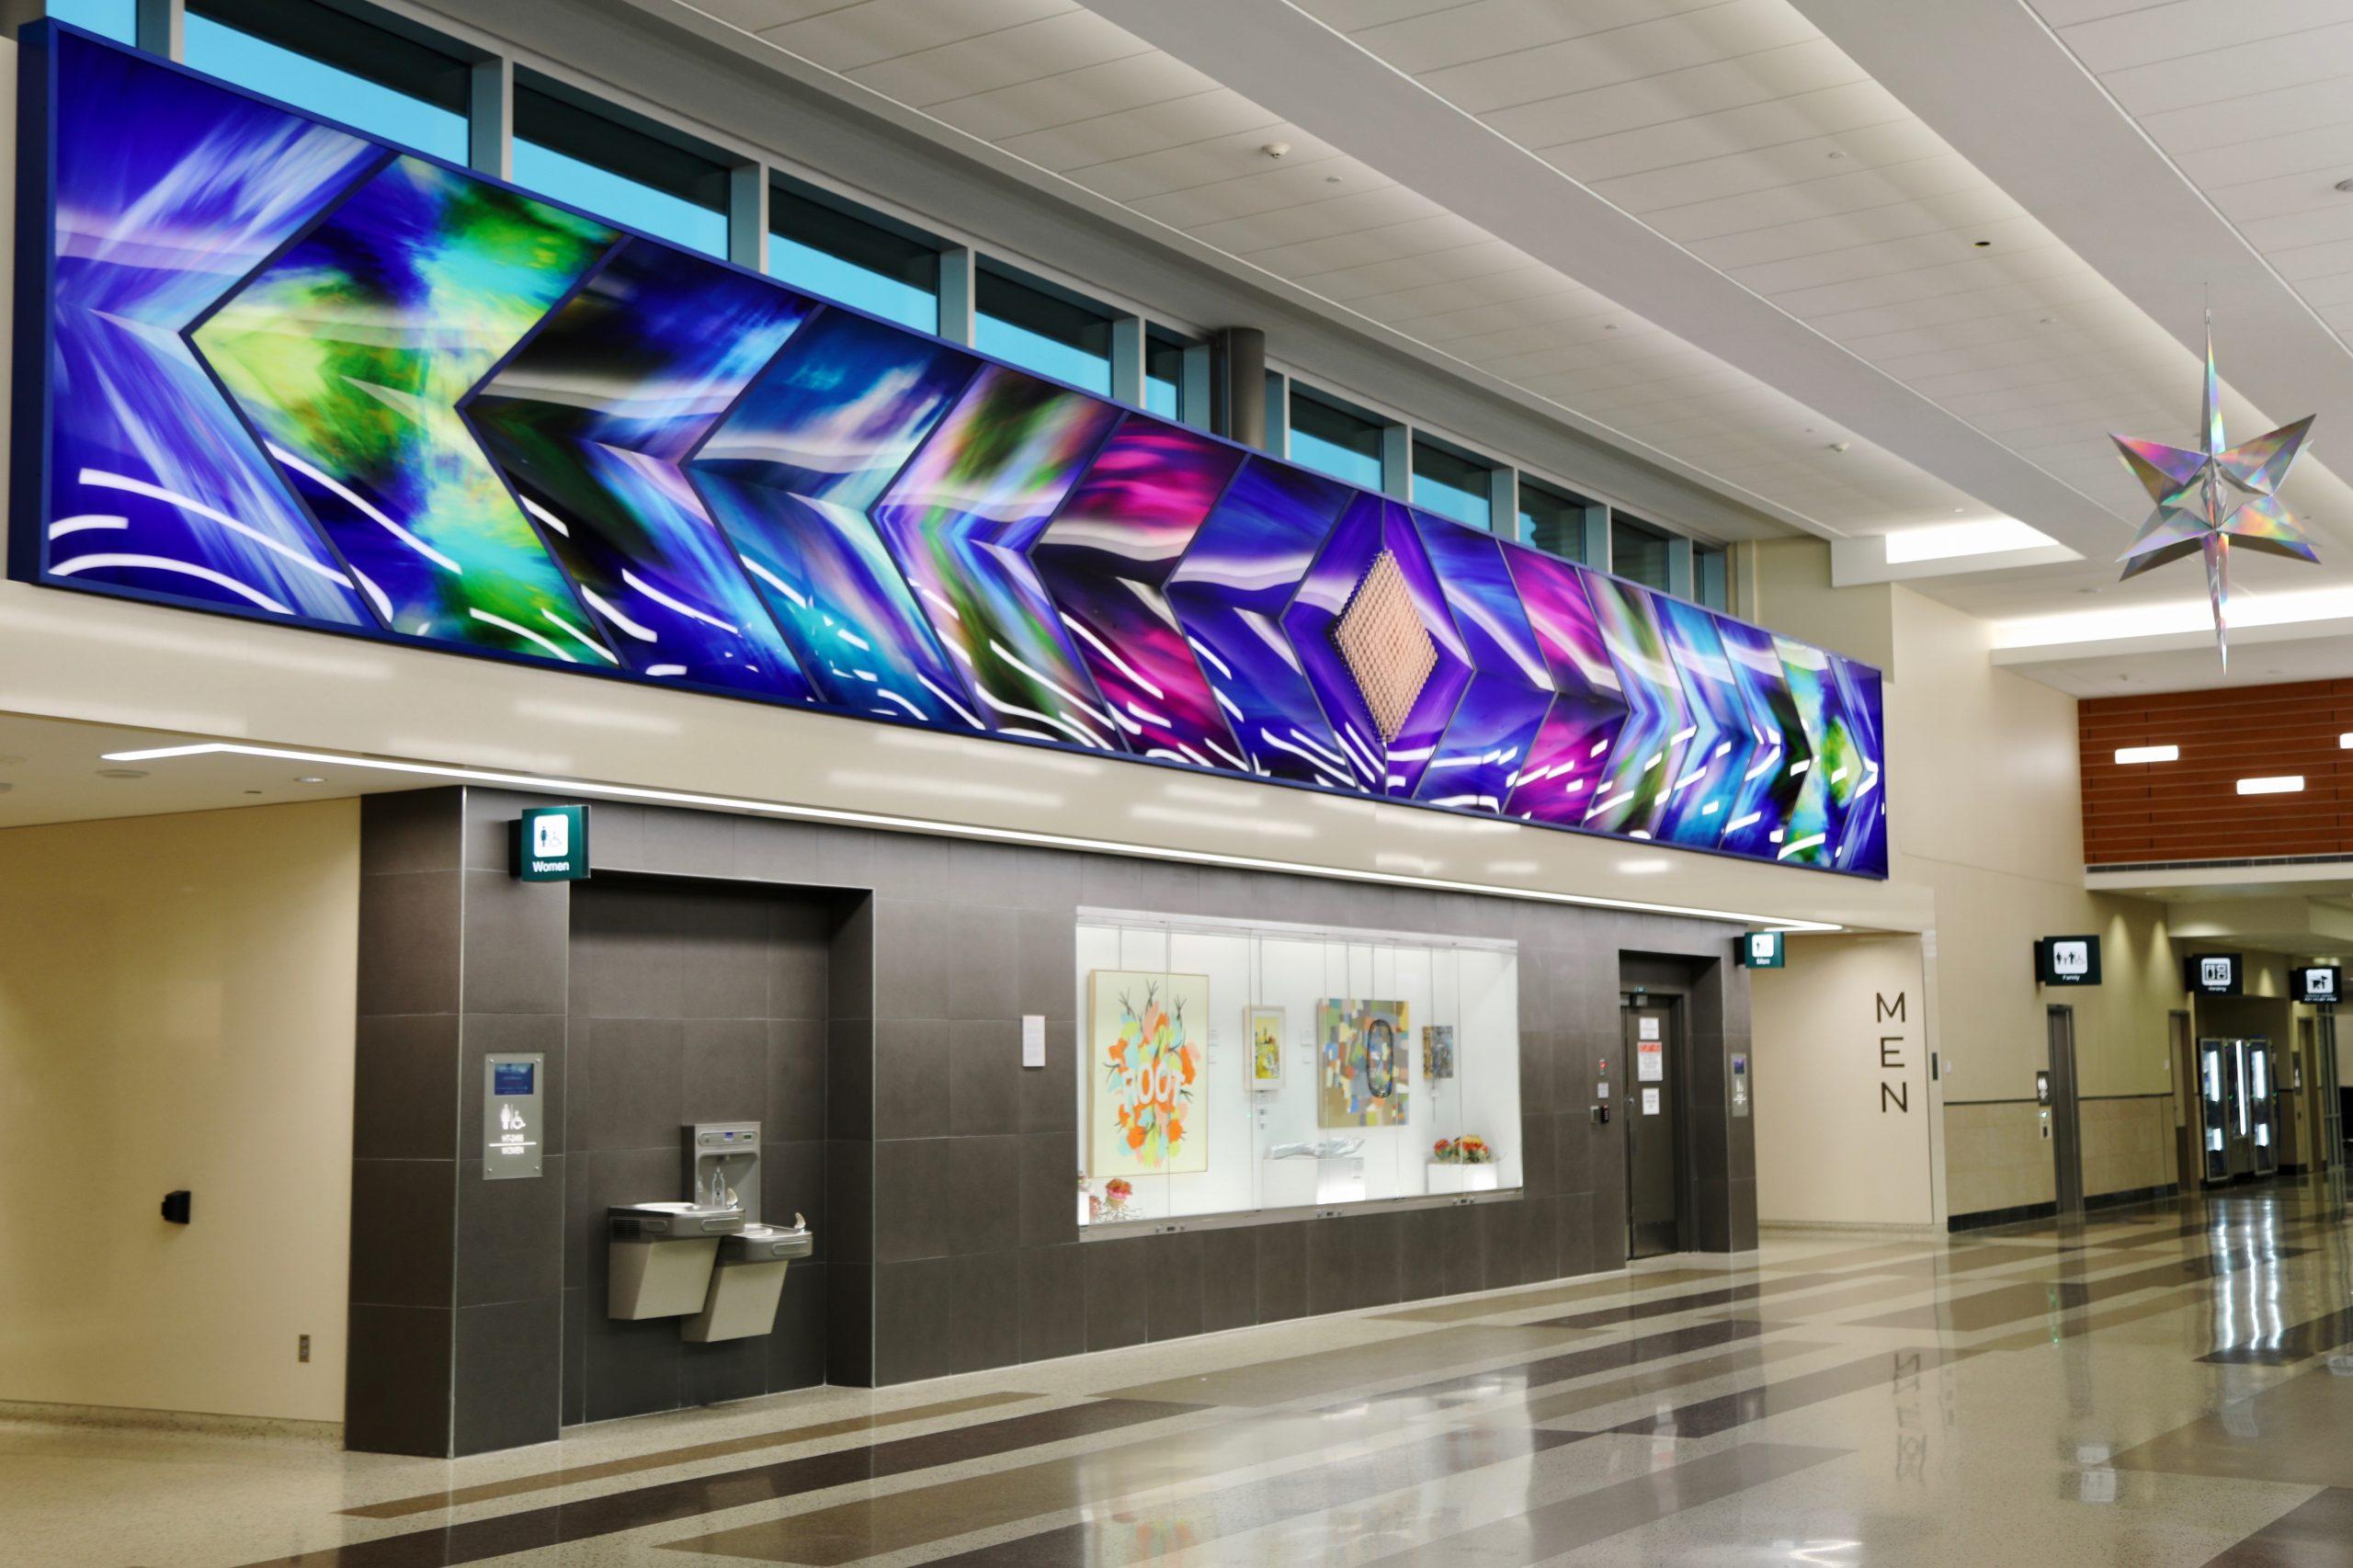 Minneapolis – Saint Paul International Airport Art Installation